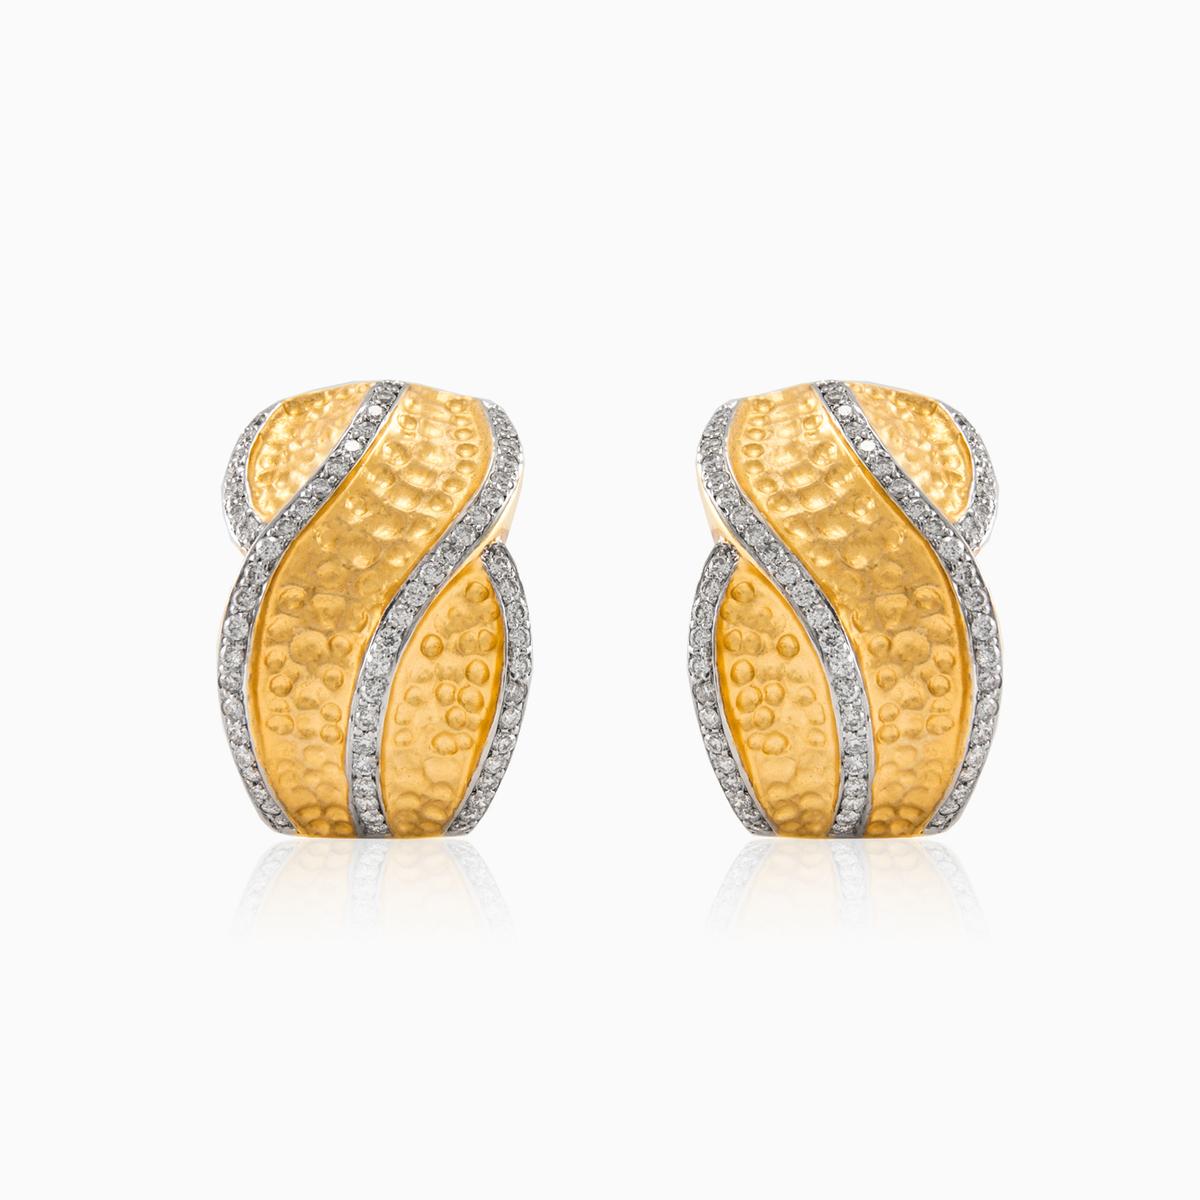 87869cef8 Úchvatné dámské náušnice z 18 kt žlutého zlata s diamanty. Mají ...